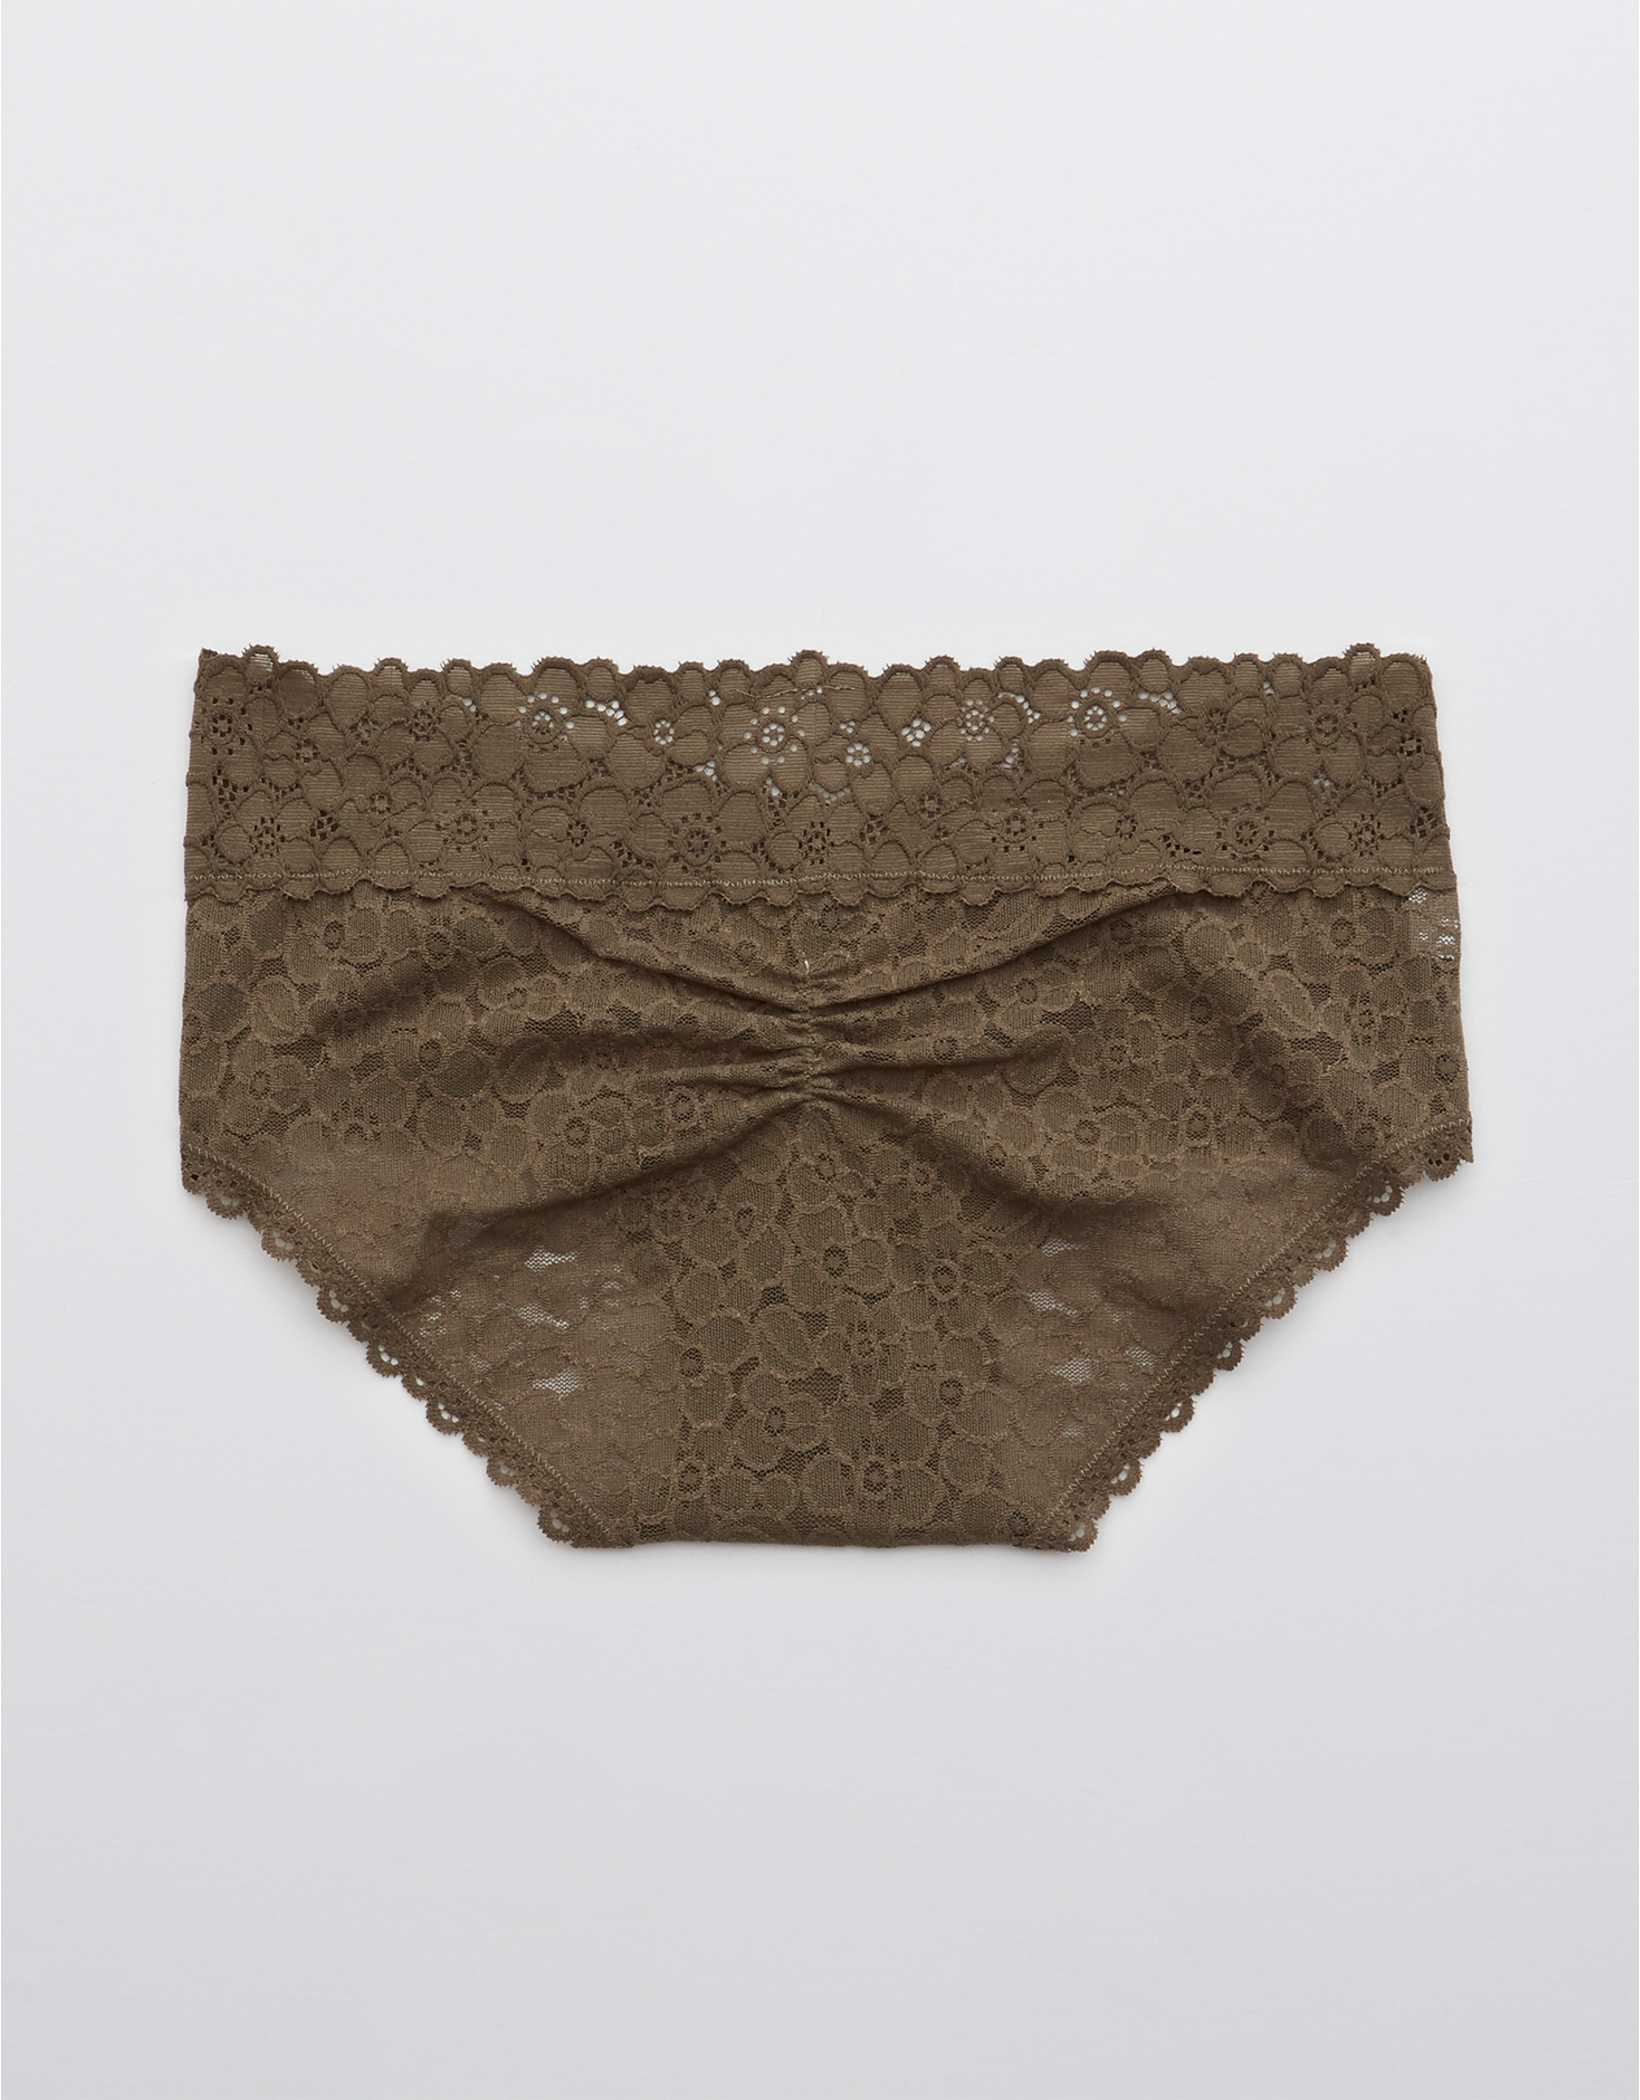 Aerie Lace Boybrief Underwear